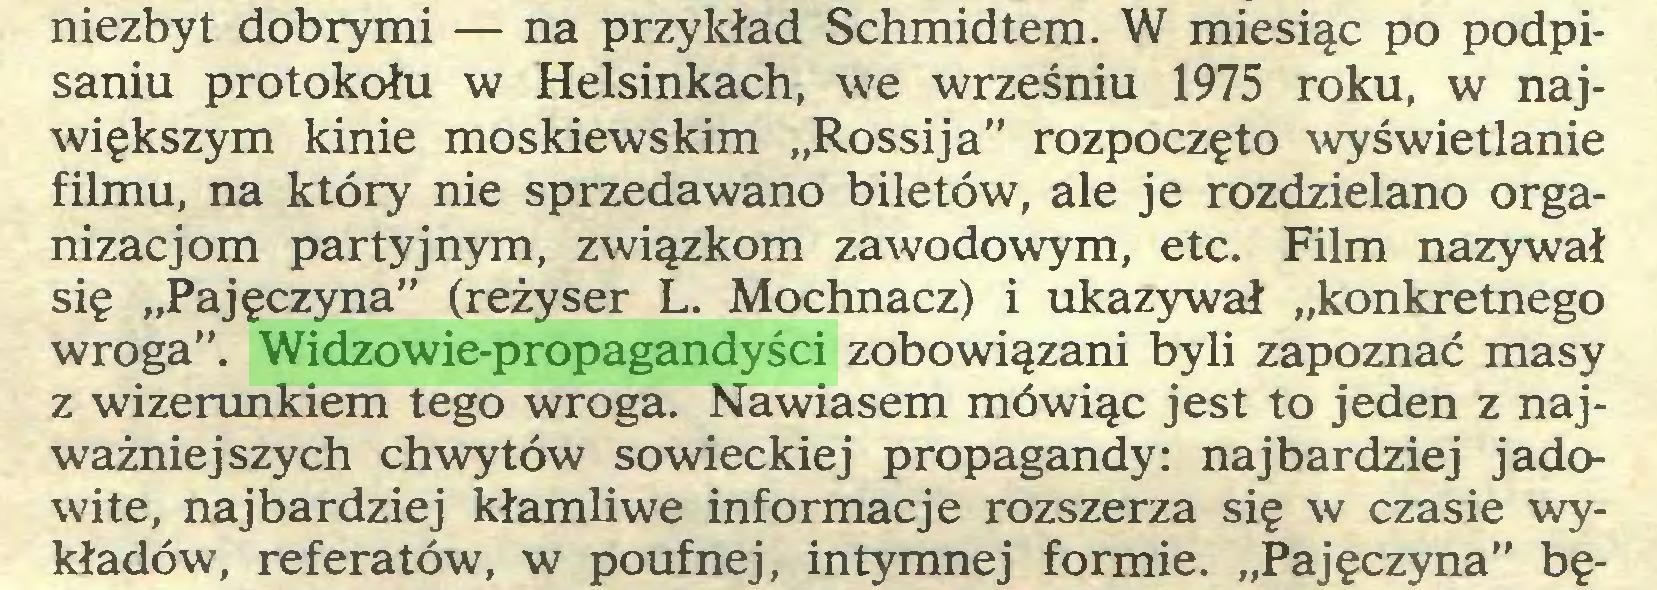 """(...) niezbyt dobrymi — na przykład Schmidtem. W miesiąc po podpisaniu protokołu w Helsinkach, we wrześniu 1975 roku, w największym kinie moskiewskim """"Rossija"""" rozpoczęto wyświetlanie filmu, na który nie sprzedawano biletów, ale je rozdzielano organizacjom partyjnym, związkom zawodowym, etc. Film nazywał się """"Pajęczyna"""" (reżyser L. Mochnacz) i ukazywał """"konkretnego wroga"""". Widzowie-propagandyści zobowiązani byli zapoznać masy z wizerunkiem tego wroga. Nawiasem mówiąc jest to jeden z najważniejszych chwytów sowieckiej propagandy: najbardziej jadowite, najbardziej kłamliwe informacje rozszerza się w czasie wykładów, referatów, w poufnej, intymnej formie. """"Pajęczyna"""" bę..."""